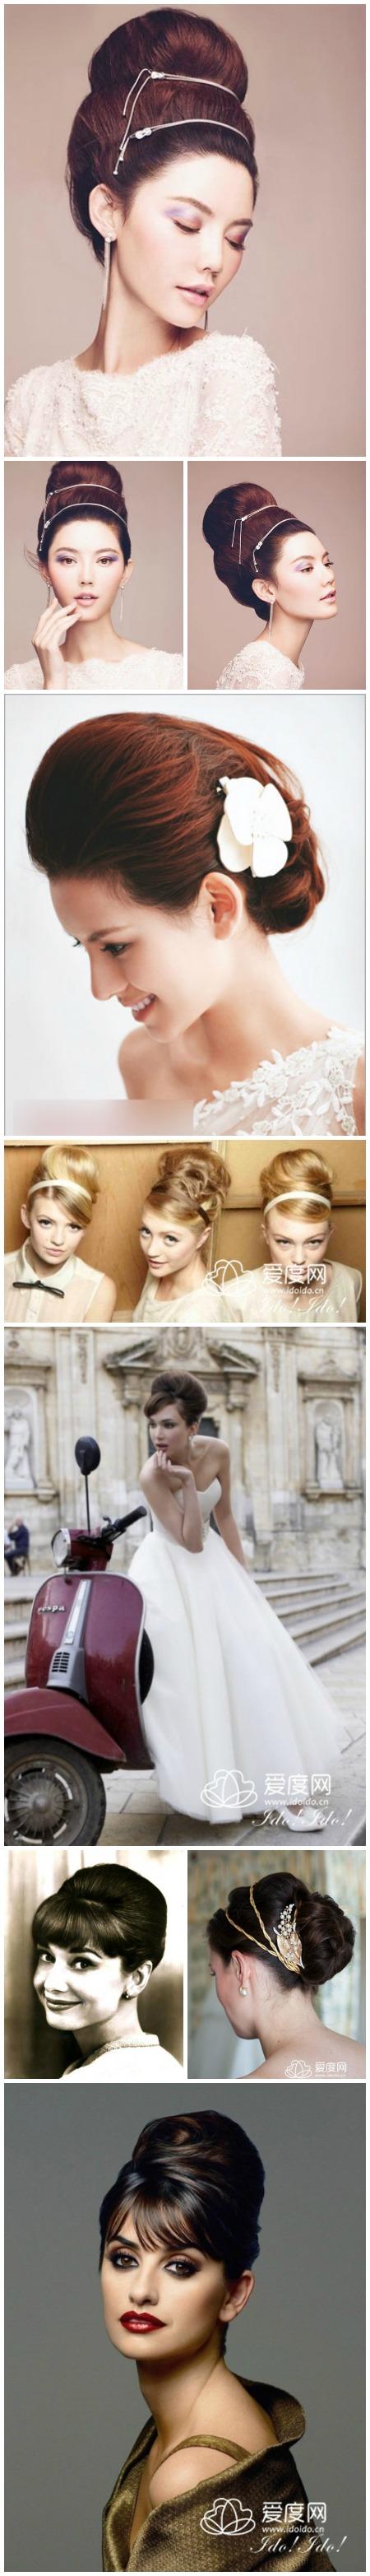 復古新娘造型特輯-多款經典復古髮型 讓你愛不釋手